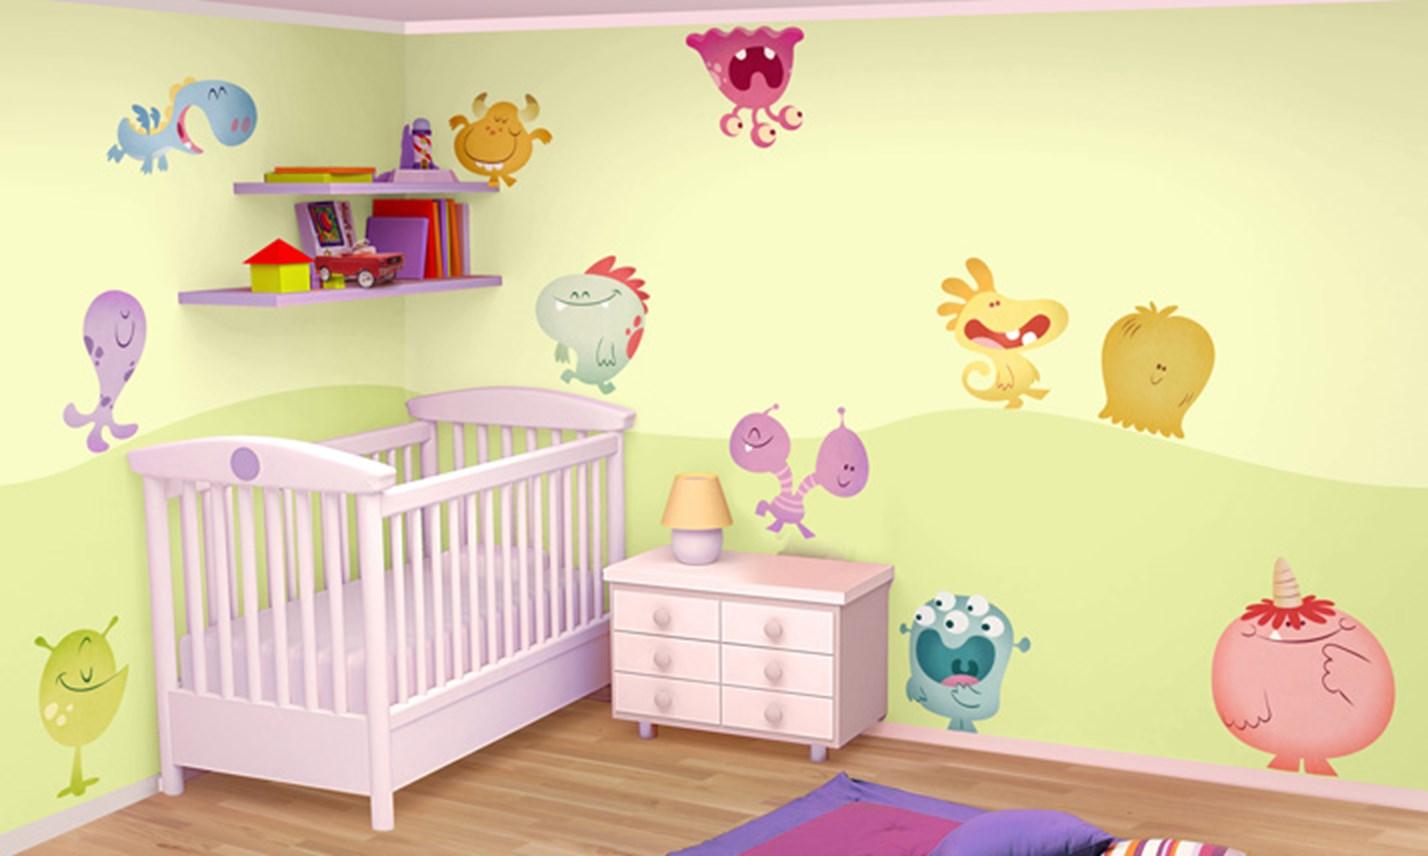 Crea la tua cameretta best decora le pareti della stanza for Decora la stanza girlsgogames